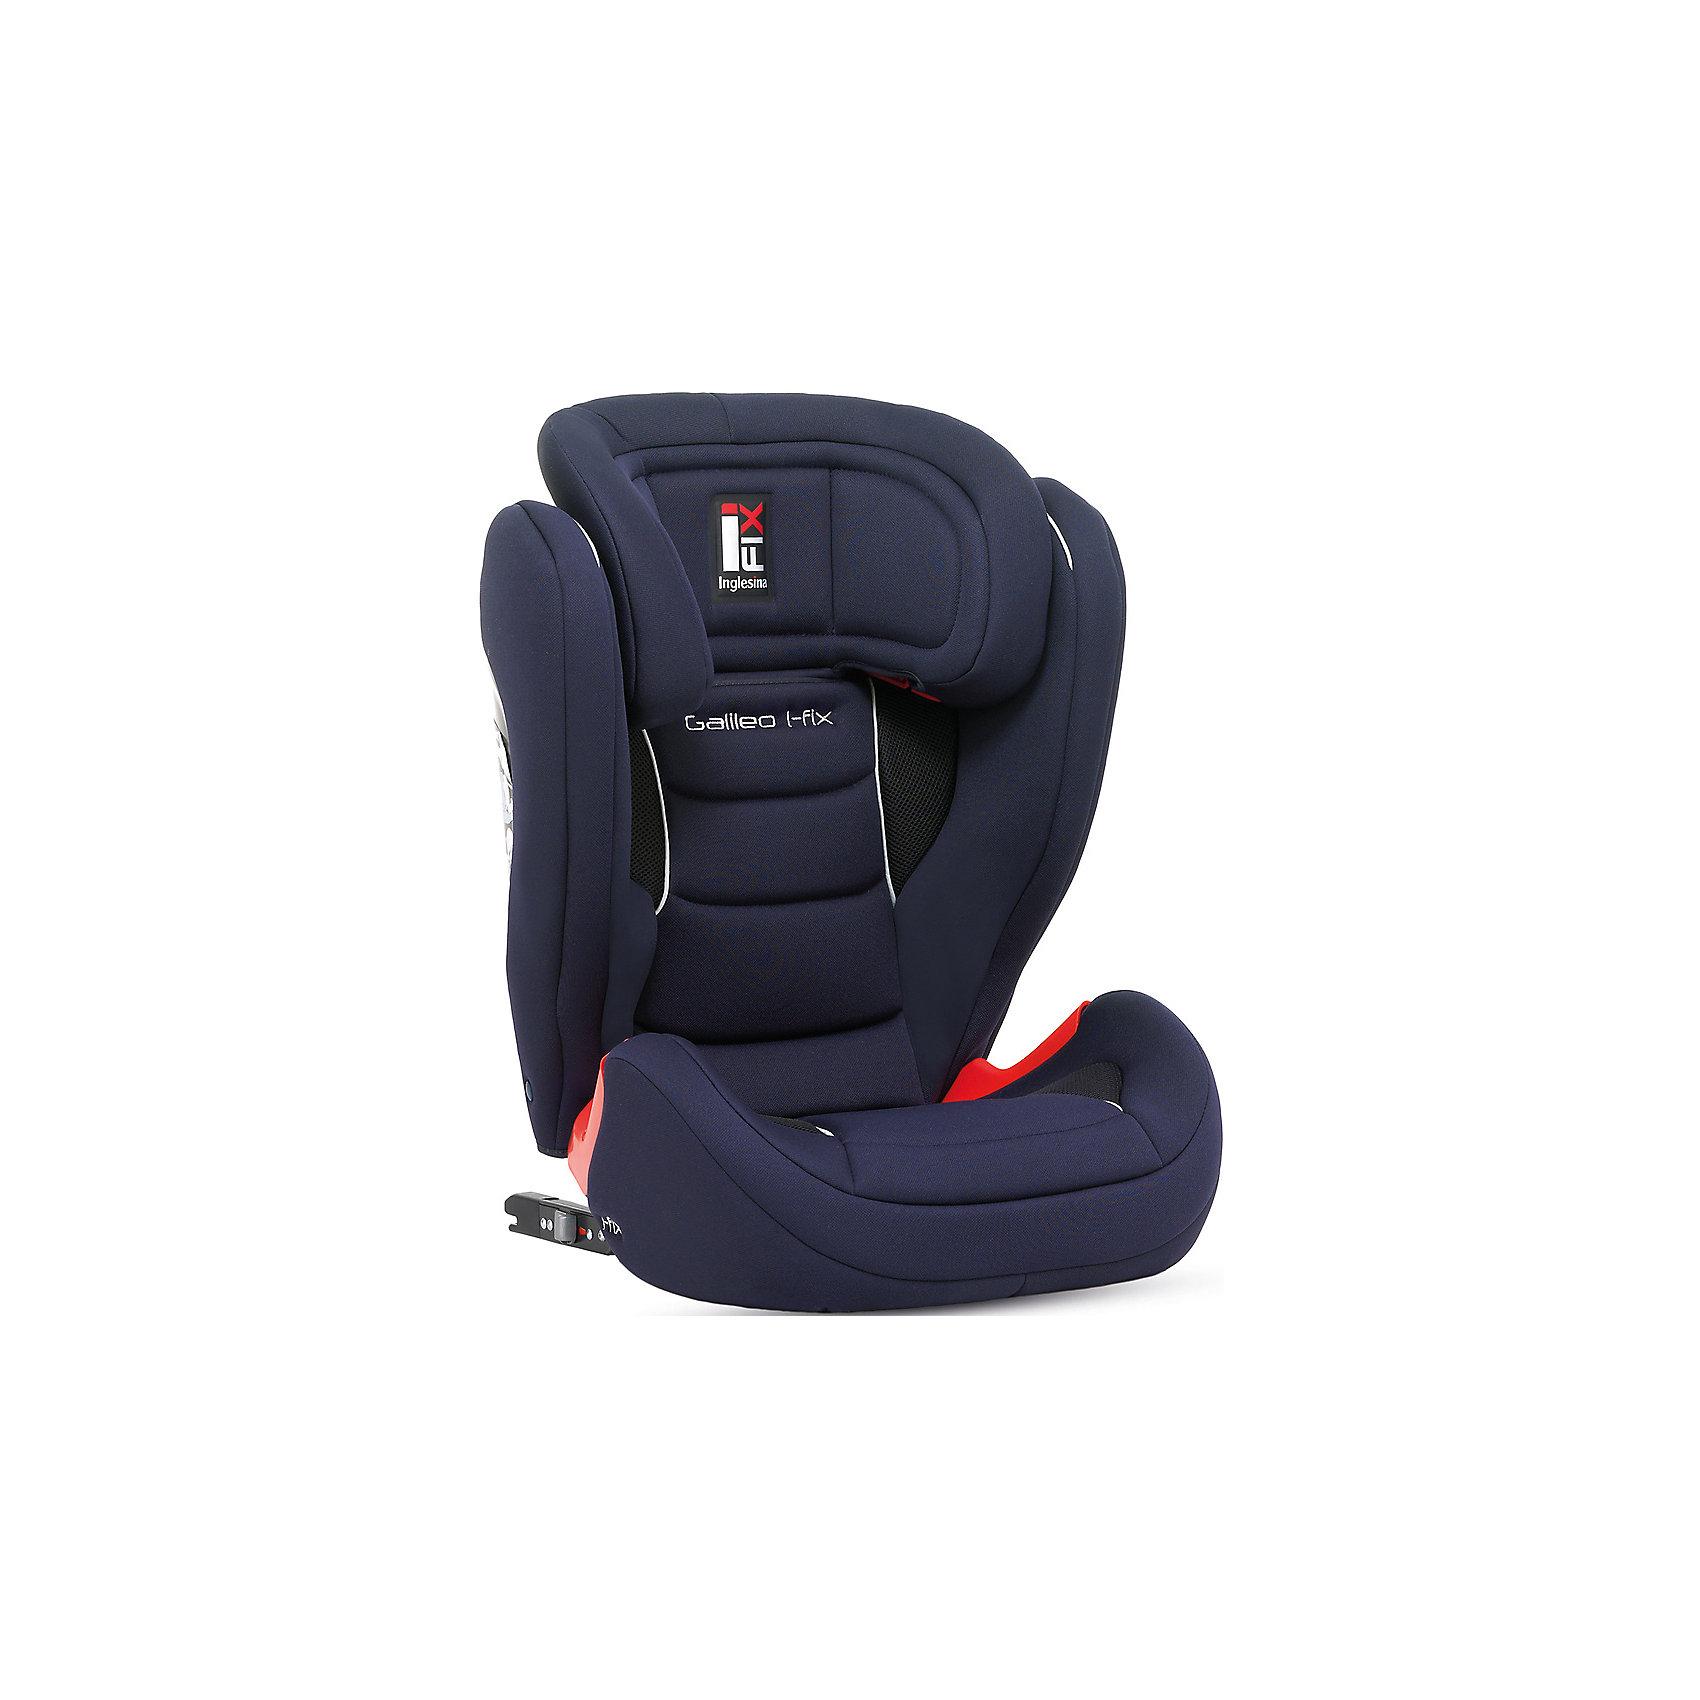 Автокресло Galileo 15-36 кг., Inglesina, BlueАвтокресло Galileо - прекрасный вариант для вашего ребенка! Его легко установить в автомобиле с помощью крепления IsoFIX или без нее. Технология Side Head Protection защитит детей от боковых ударов. Очень широкое, мягкое, эргономичное сиденье сделает длинное путешествие комфортным. Кресло имеет вентилируемую спинку, обивка кресла выполнена из дышащих, гипоаллергенных материалов, абсолютно безопасных для детей. В зависимости от роста ребенка подголовник регулируется по высоте в 9 положения. Устанавливается по ходу движения. <br><br>Дополнительная информация:<br><br>- Материал: пластик, текстиль, металл.<br>- Размер: 47х49х68/85 см. <br>- Вес: 9 кг.<br>- Может трансформироваться в бустер. <br>- Регулируемый в 9 положениях подголовник.<br>- Крепится с помощью системы IsoFIX или без нее.<br>- Вентилируемая спинка.<br>- Съемные чехлы можно стирать в режиме деликатной стирки.<br><br>Автокресло Galileo 15-36 кг., Inglesina (Инглезина), Blue, можно купить в нашем магазине.<br><br>Ширина мм: 495<br>Глубина мм: 450<br>Высота мм: 690<br>Вес г: 10400<br>Возраст от месяцев: 36<br>Возраст до месяцев: 144<br>Пол: Унисекс<br>Возраст: Детский<br>SKU: 4764252